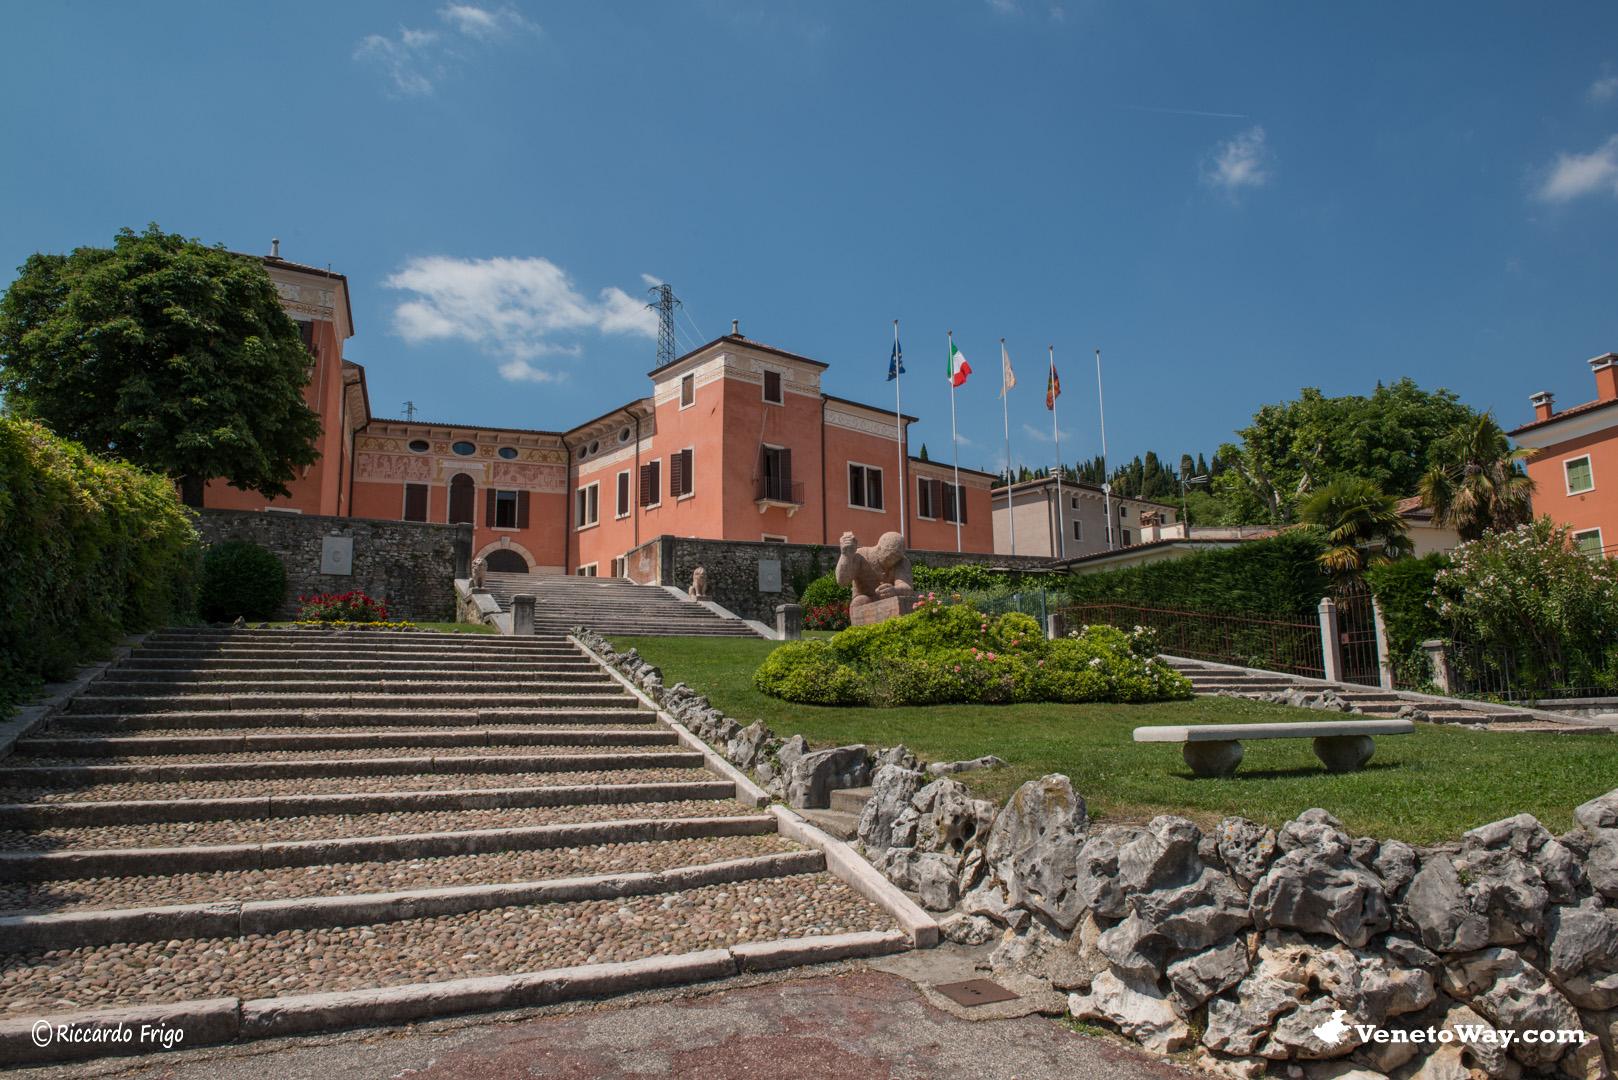 Sant'Ambrogio di Valpolicella